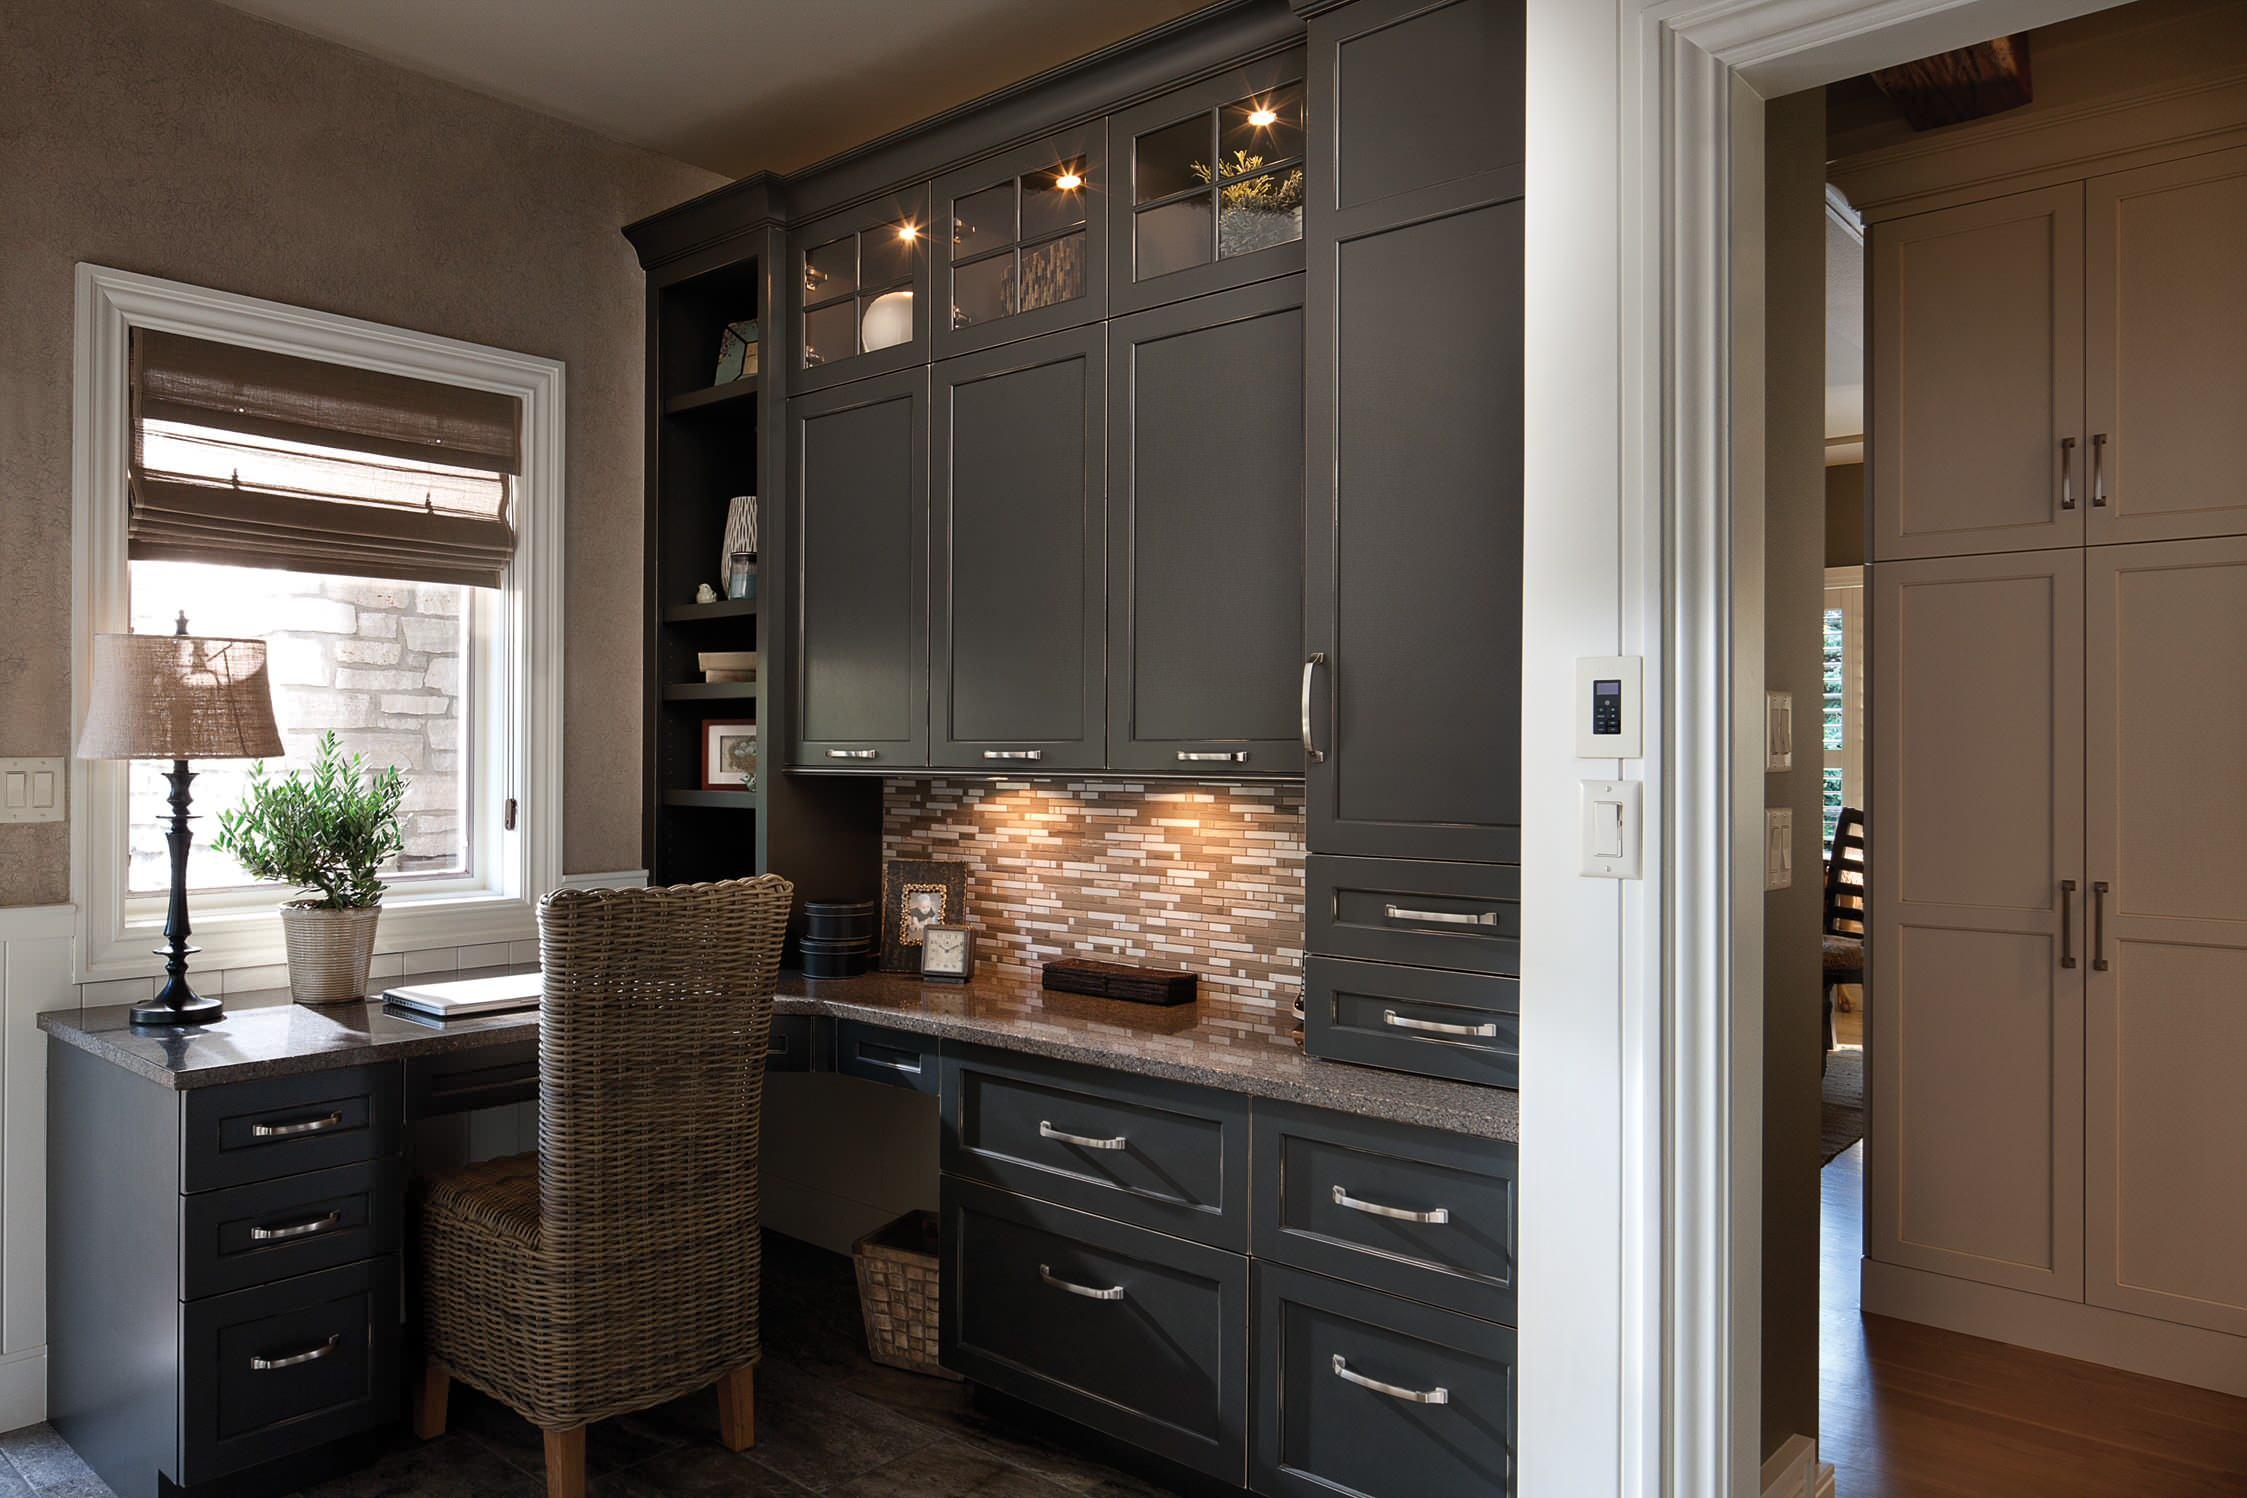 Small Corner Kitchen Desk Ideas Photos Houzz